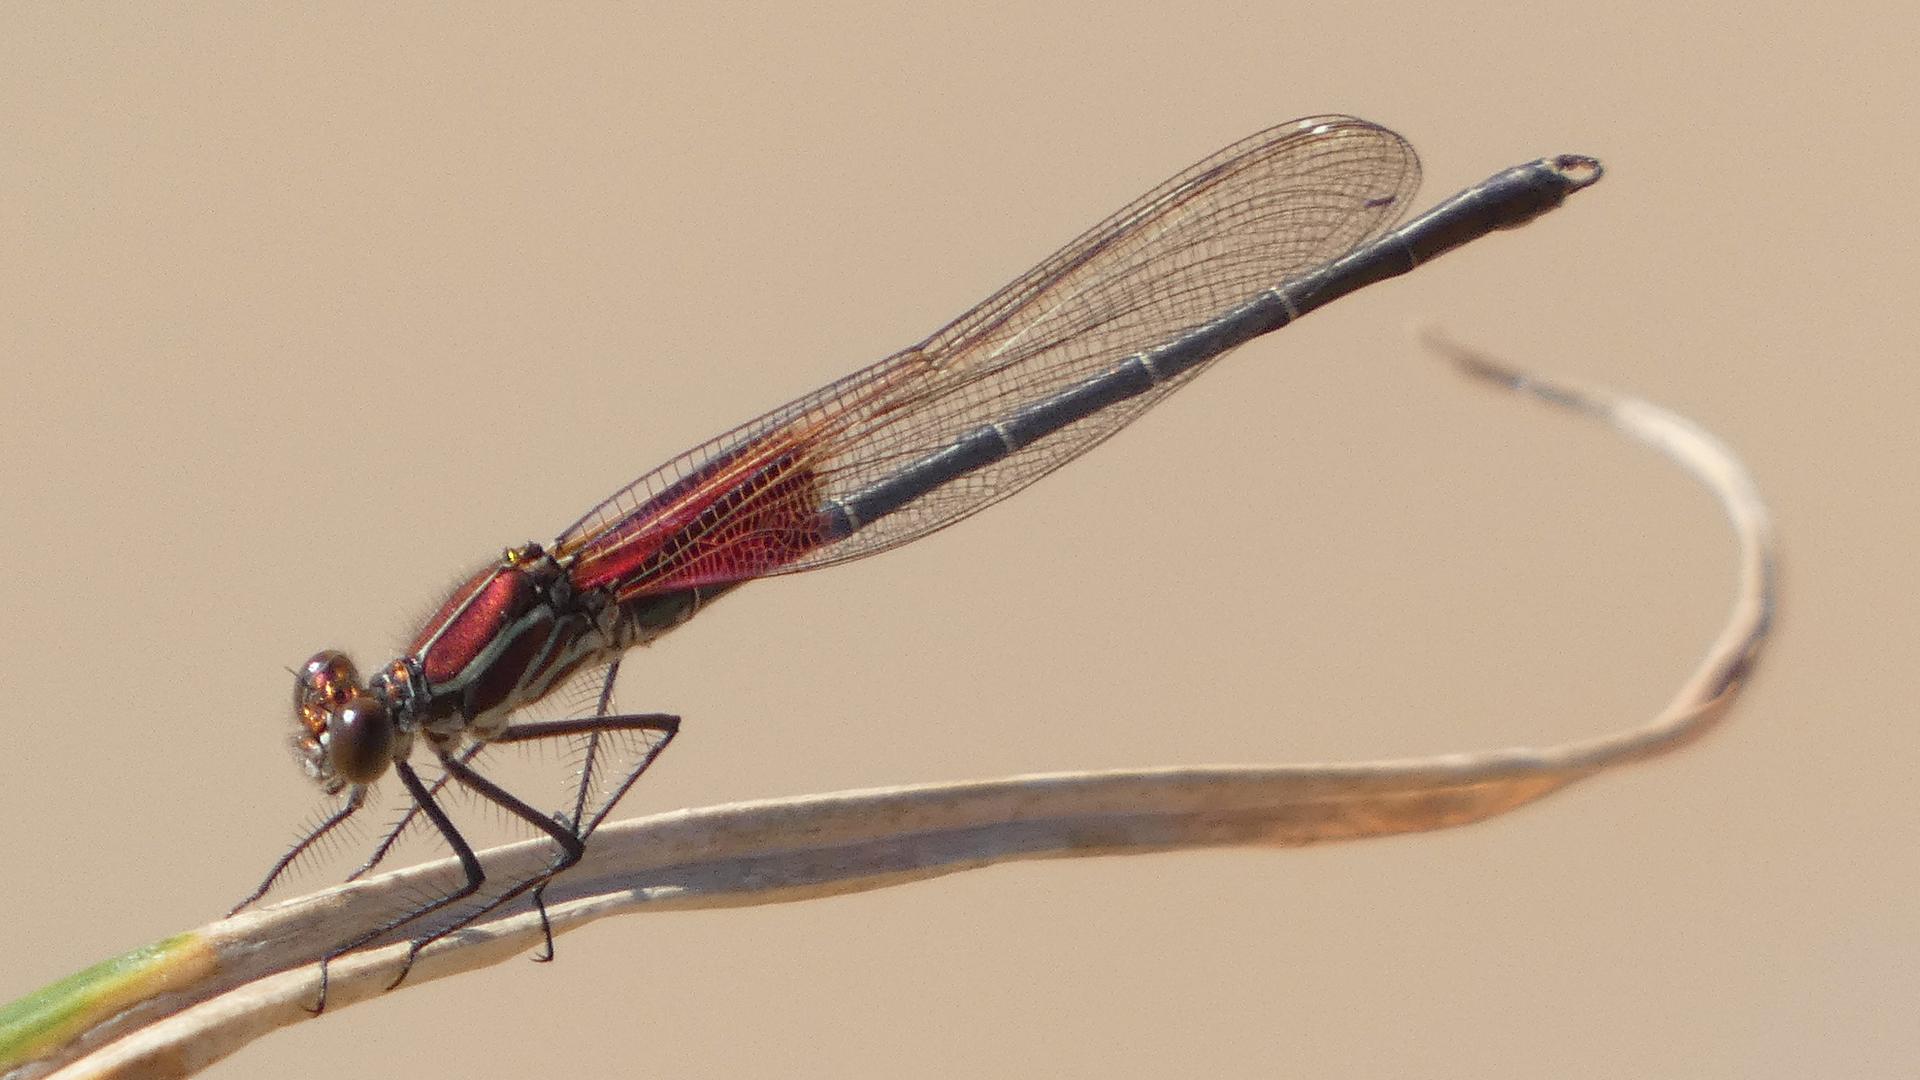 Male, Rio Grande Bosque, Albuquerque, September 2021